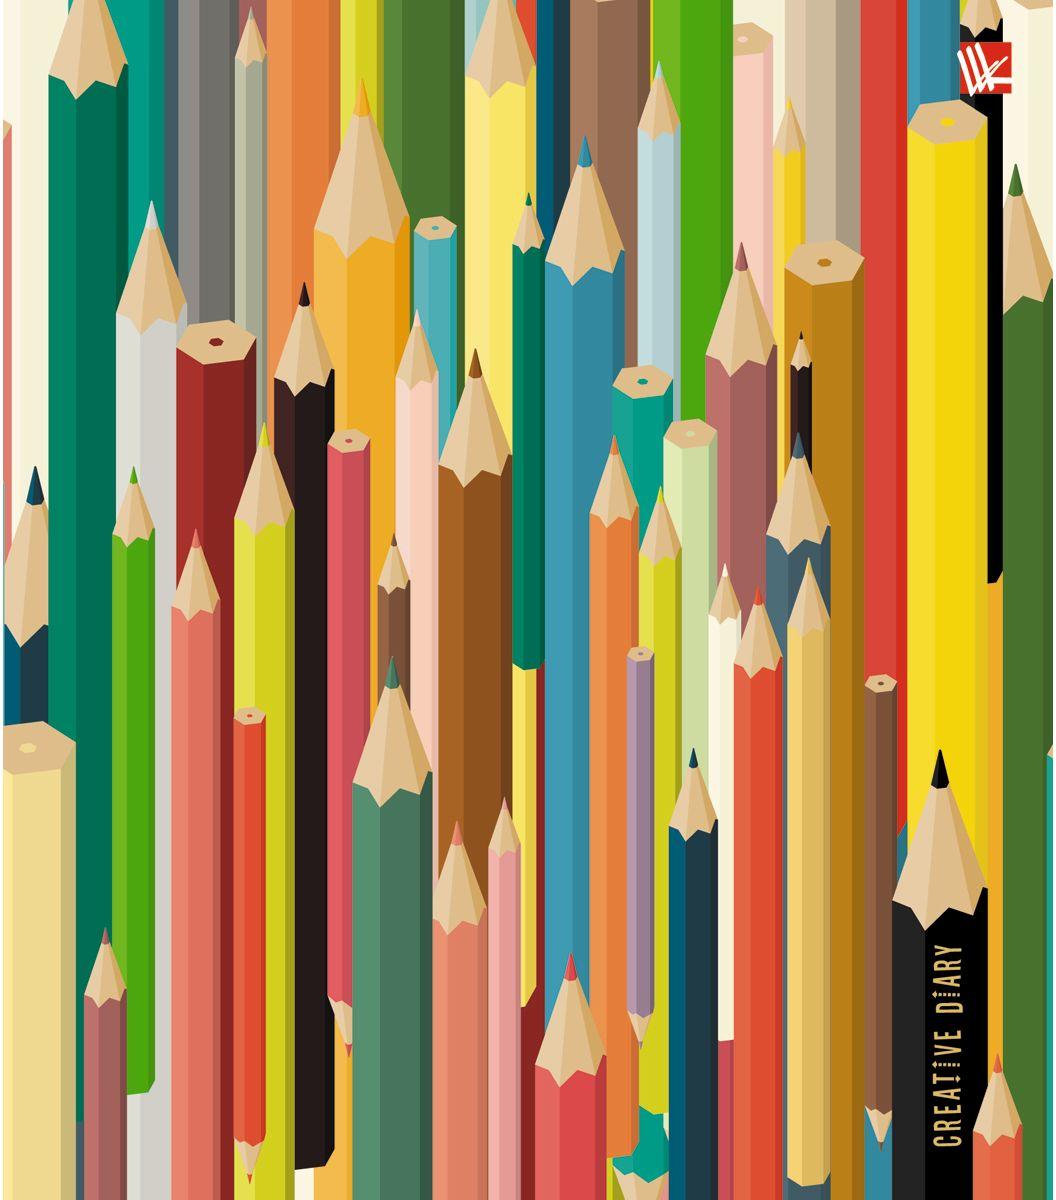 Канц-Эксмо Ежедневник Графика Цветные карандаши недатированный 128 листовЕЖИ17512802Ежедневник в гибкой обложке 164x247 мм недатированный с раскрасками-антистресс , 128 листов. Обложка с матовой ламинацией, форзацы тонированные. Внутренний блок с раскрасками на некоторых листах. Бумага офсет 70 г/м2, белая